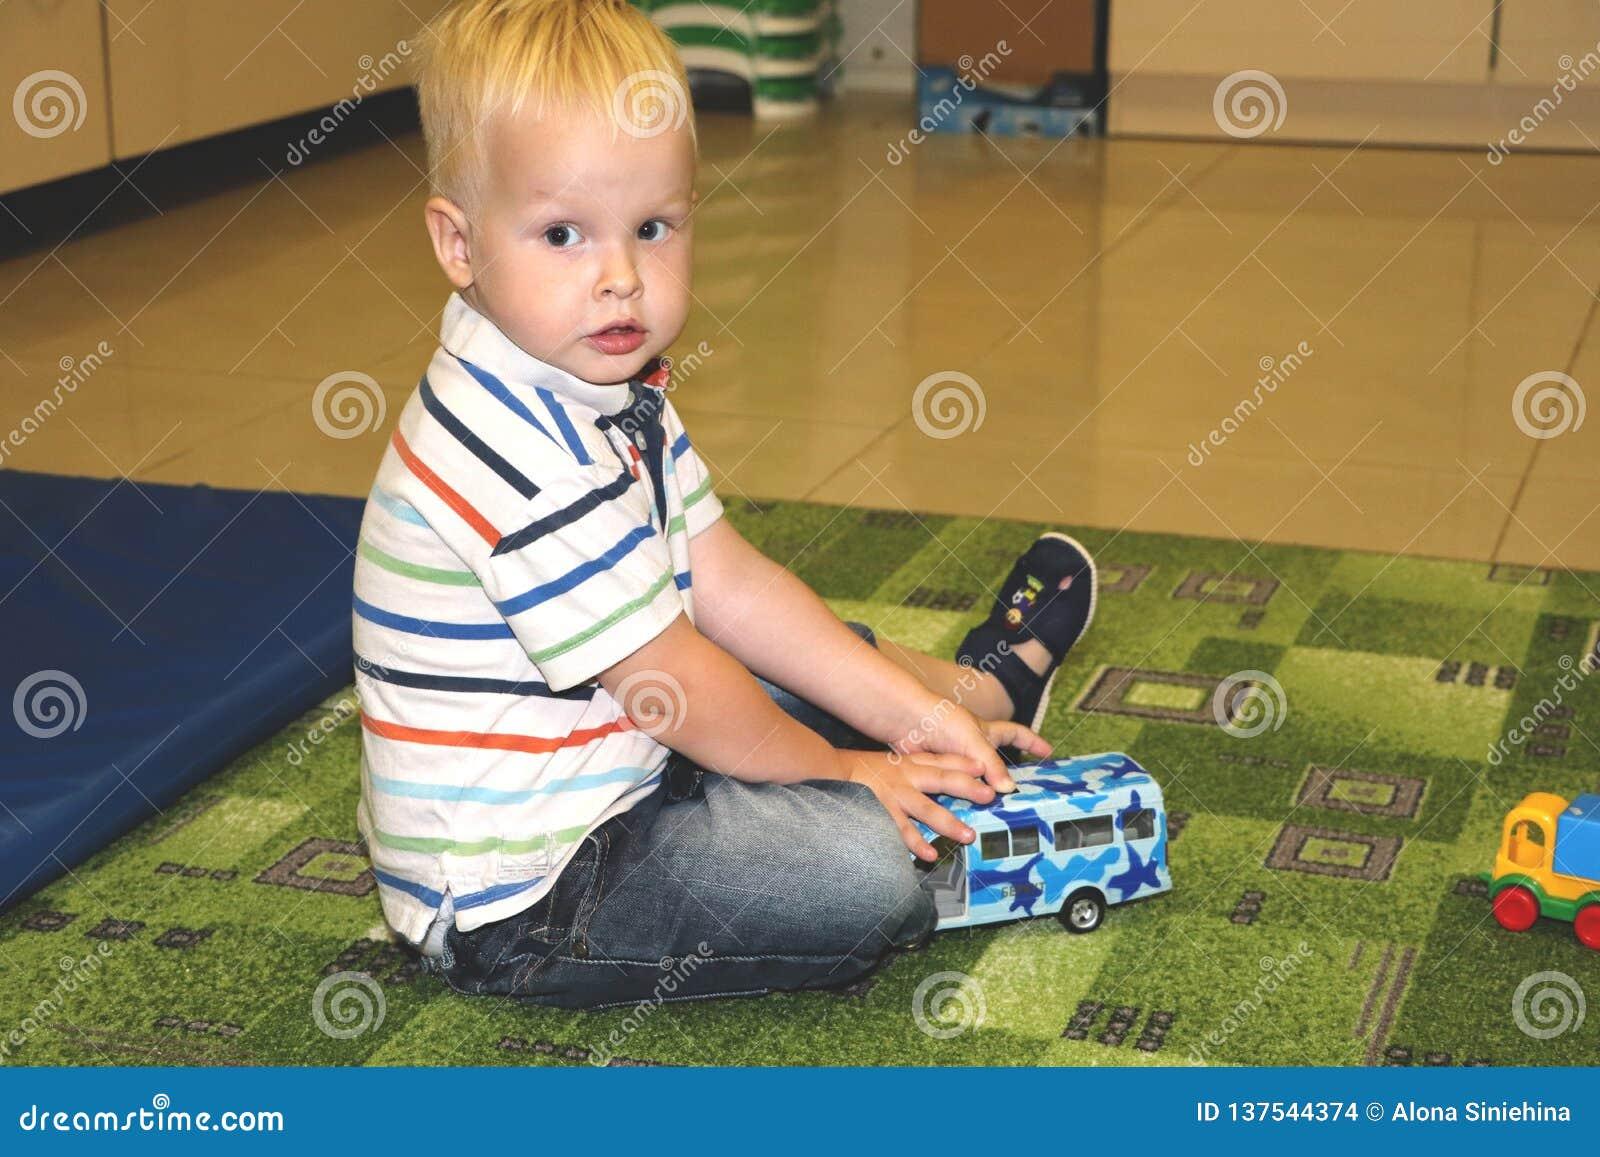 Dwa roku dziecko chłopiec sztuki z samochodami Edukacyjne zabawki dla preschool i dziecina dziecka, salowy boisko, styl życia poj